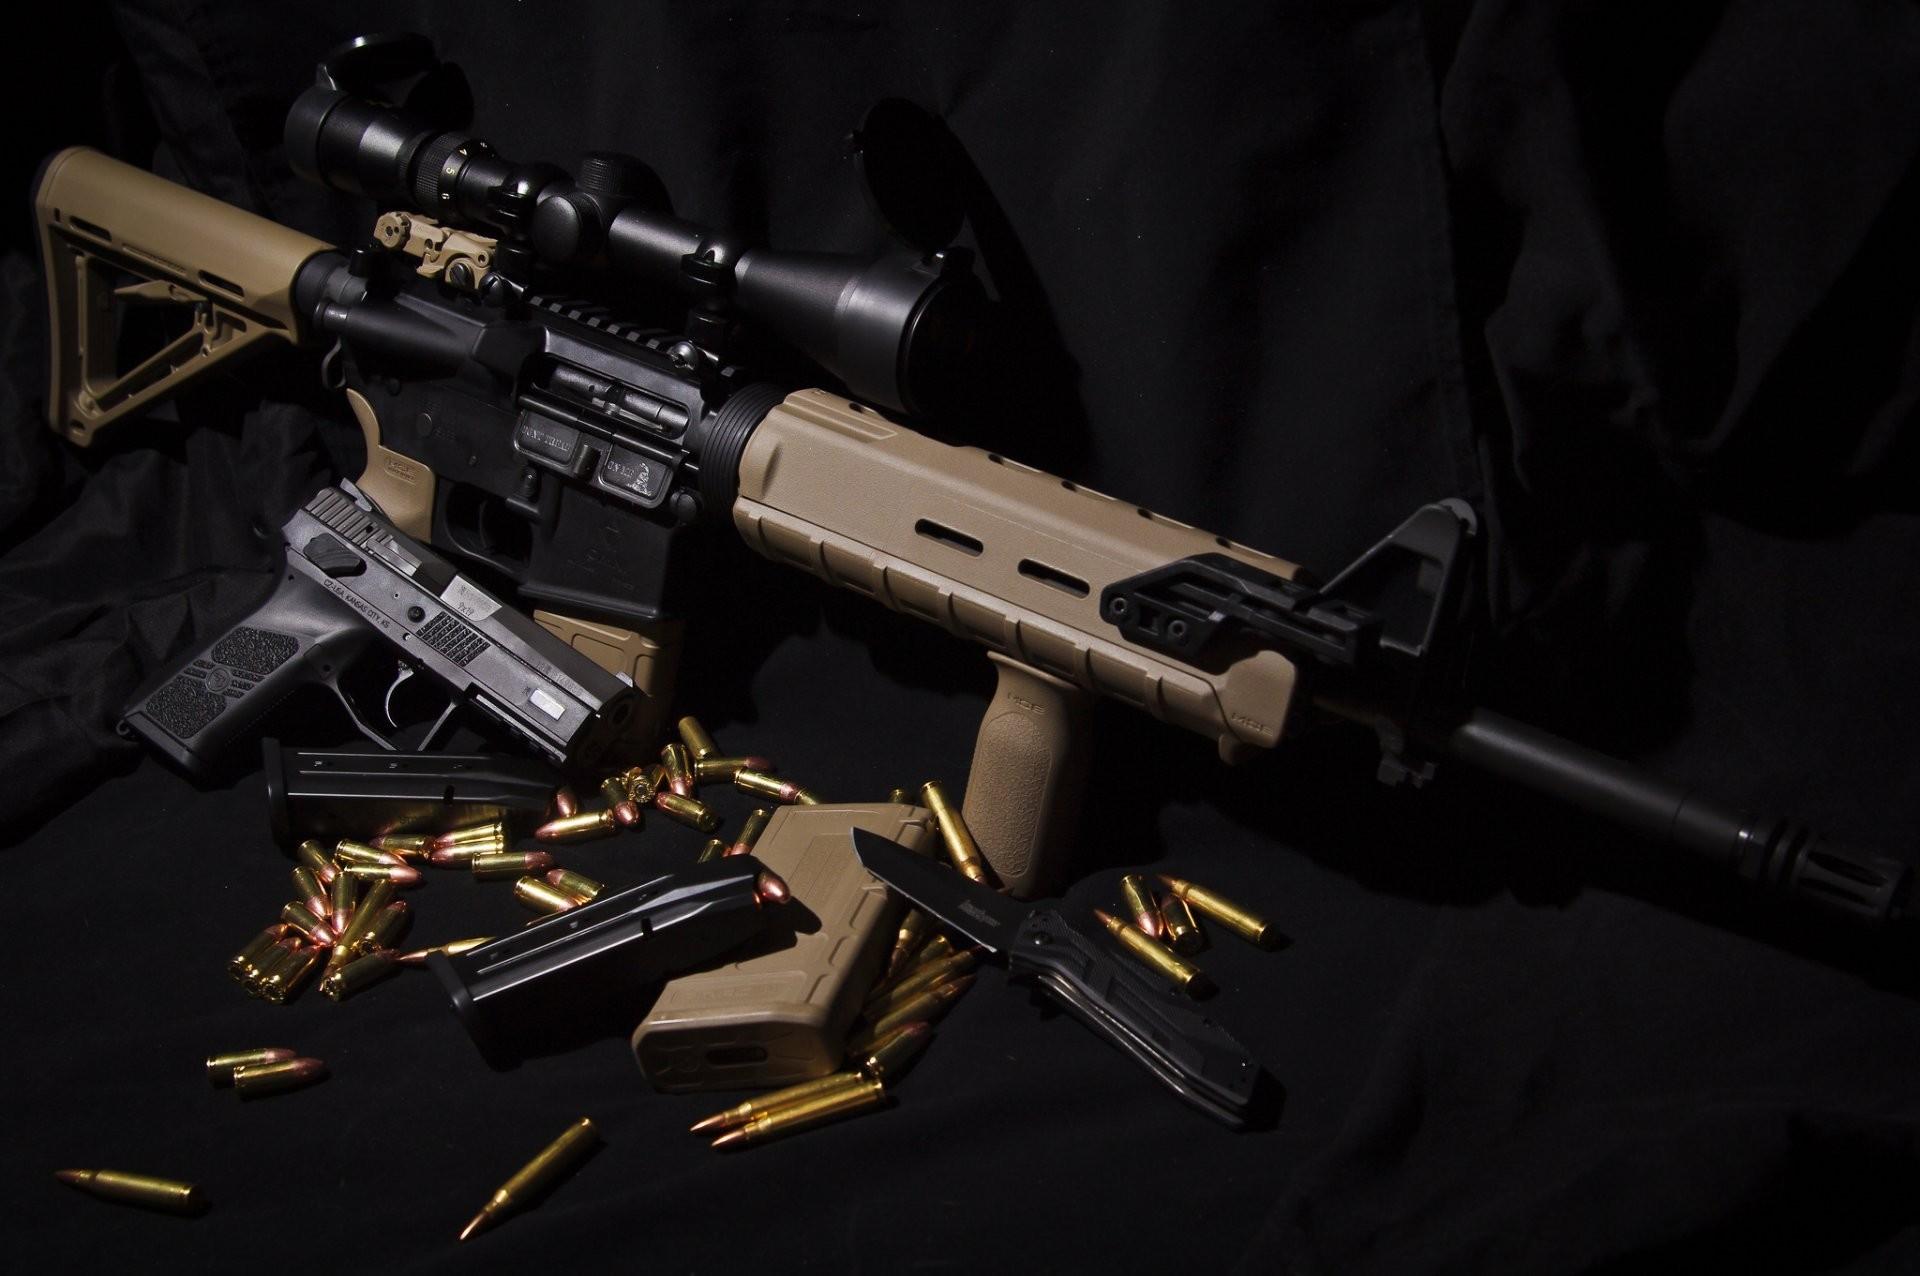 ar-15 assault rifle cz p-07 gun knife weapon